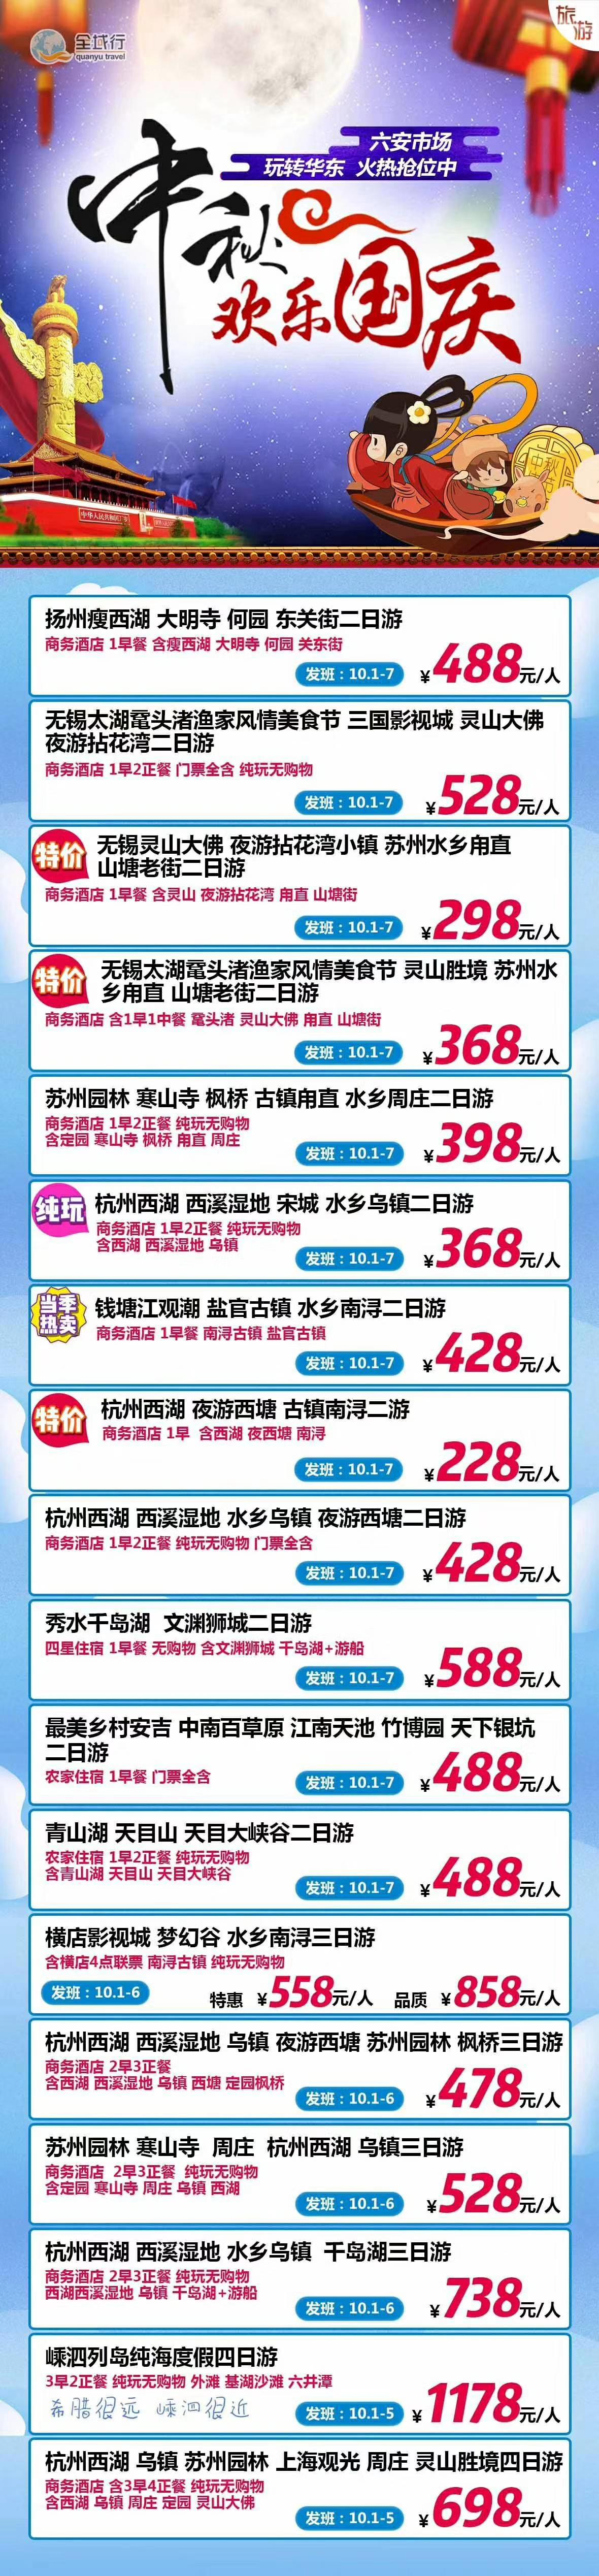 全域-华东汽车.jpg